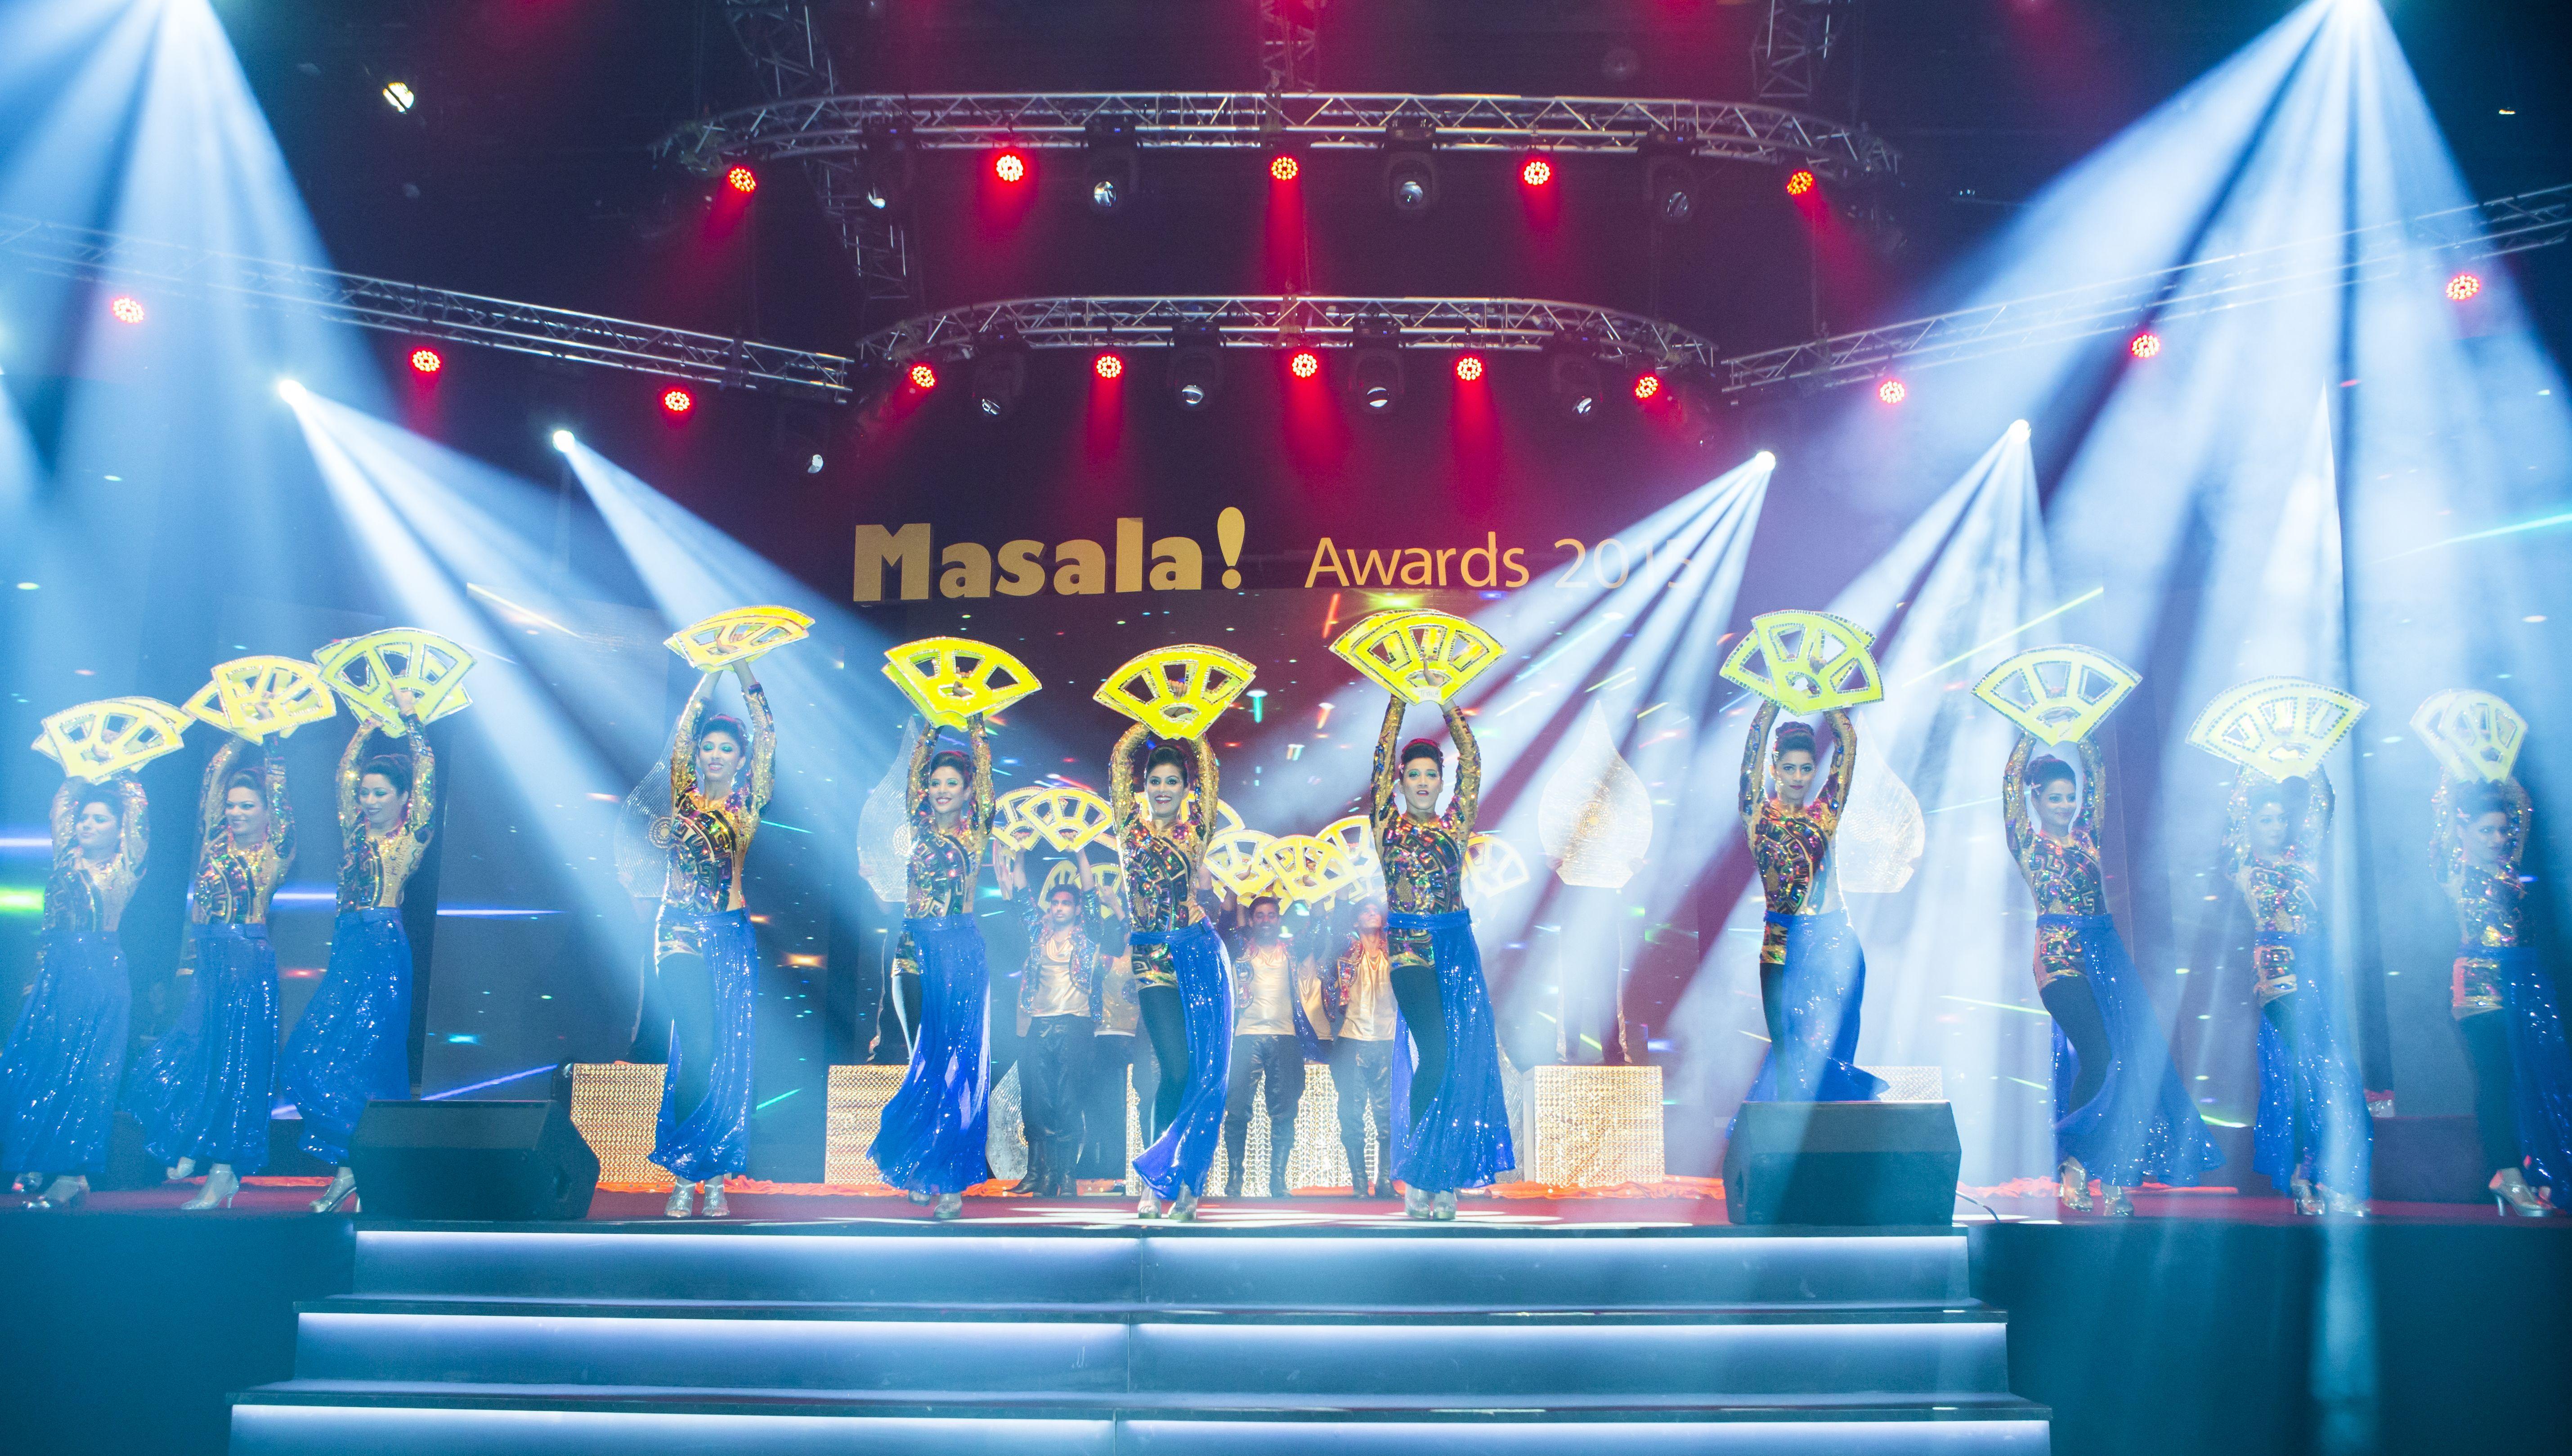 Masala!Awards